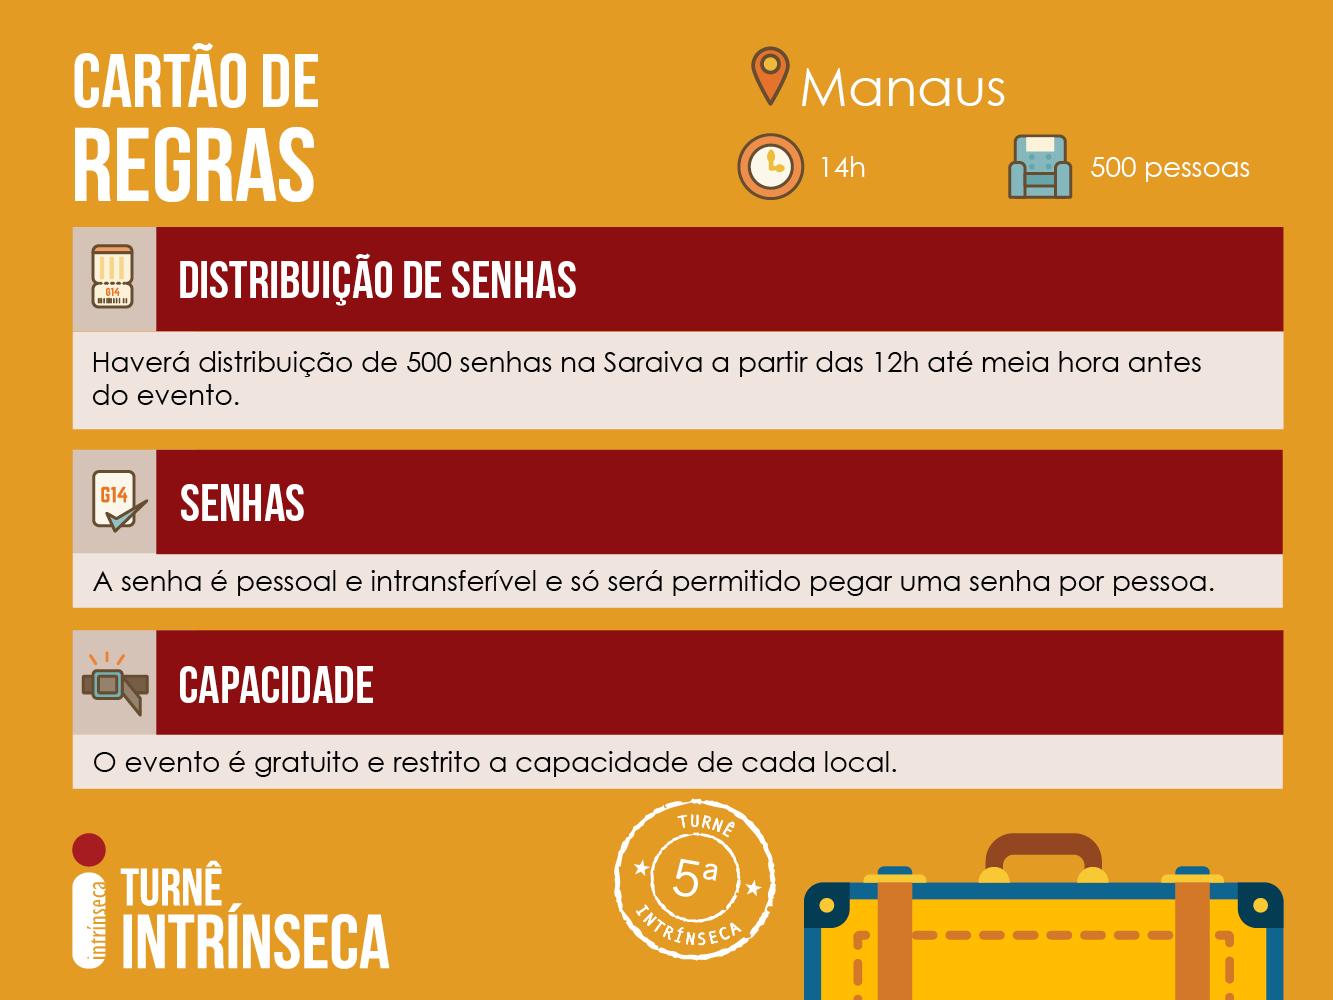 Regras_5aTurne_Manaus